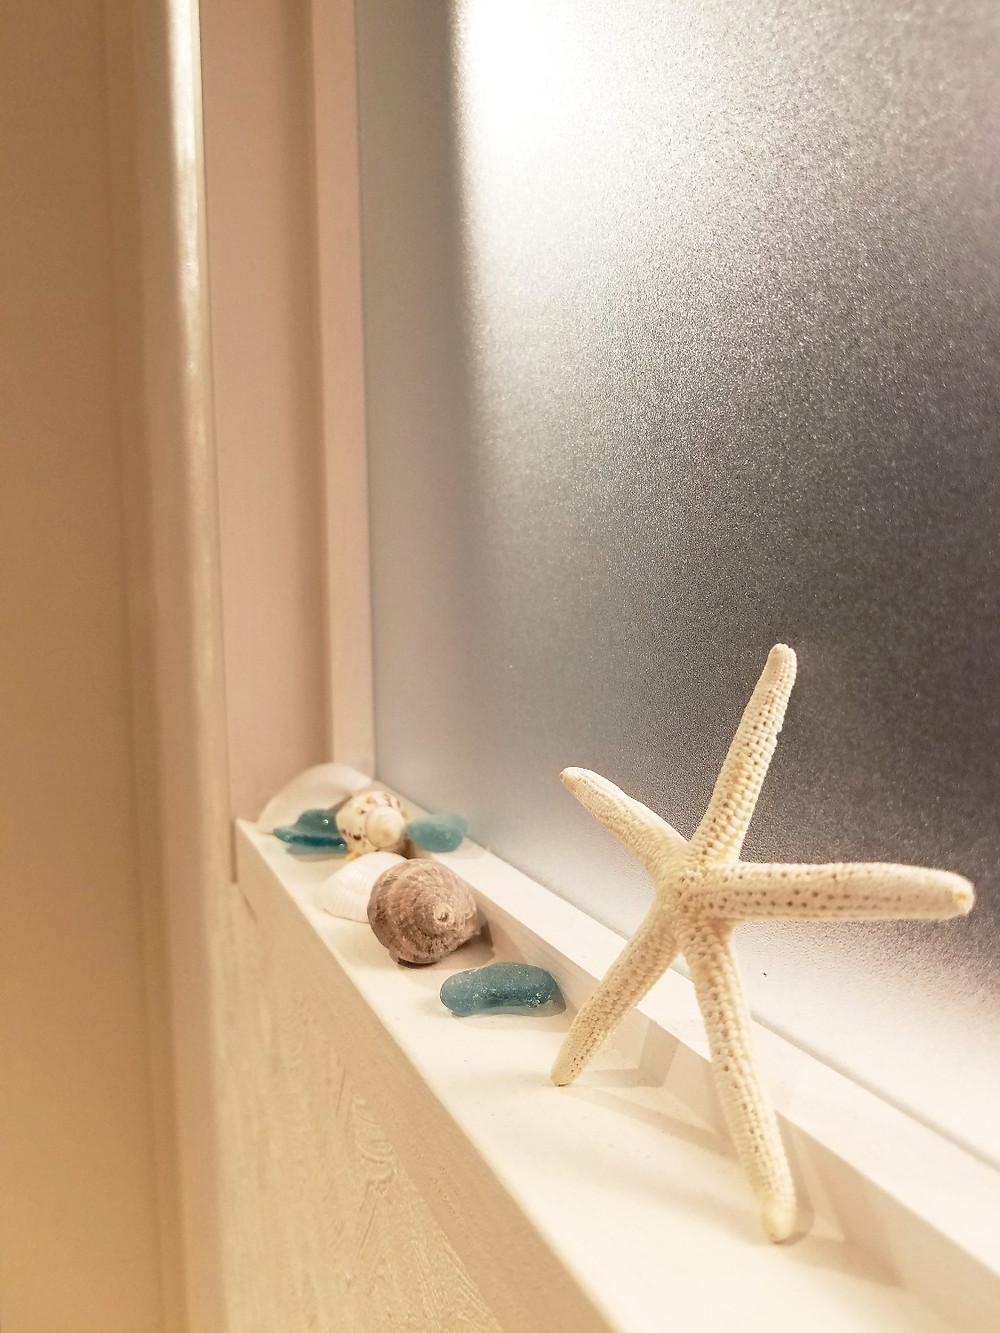 平塚の美容室・美容院のコハクでは海がテーマのリゾートサロンです。個室でのヘッドスパは贅沢なリラックスタイムに。